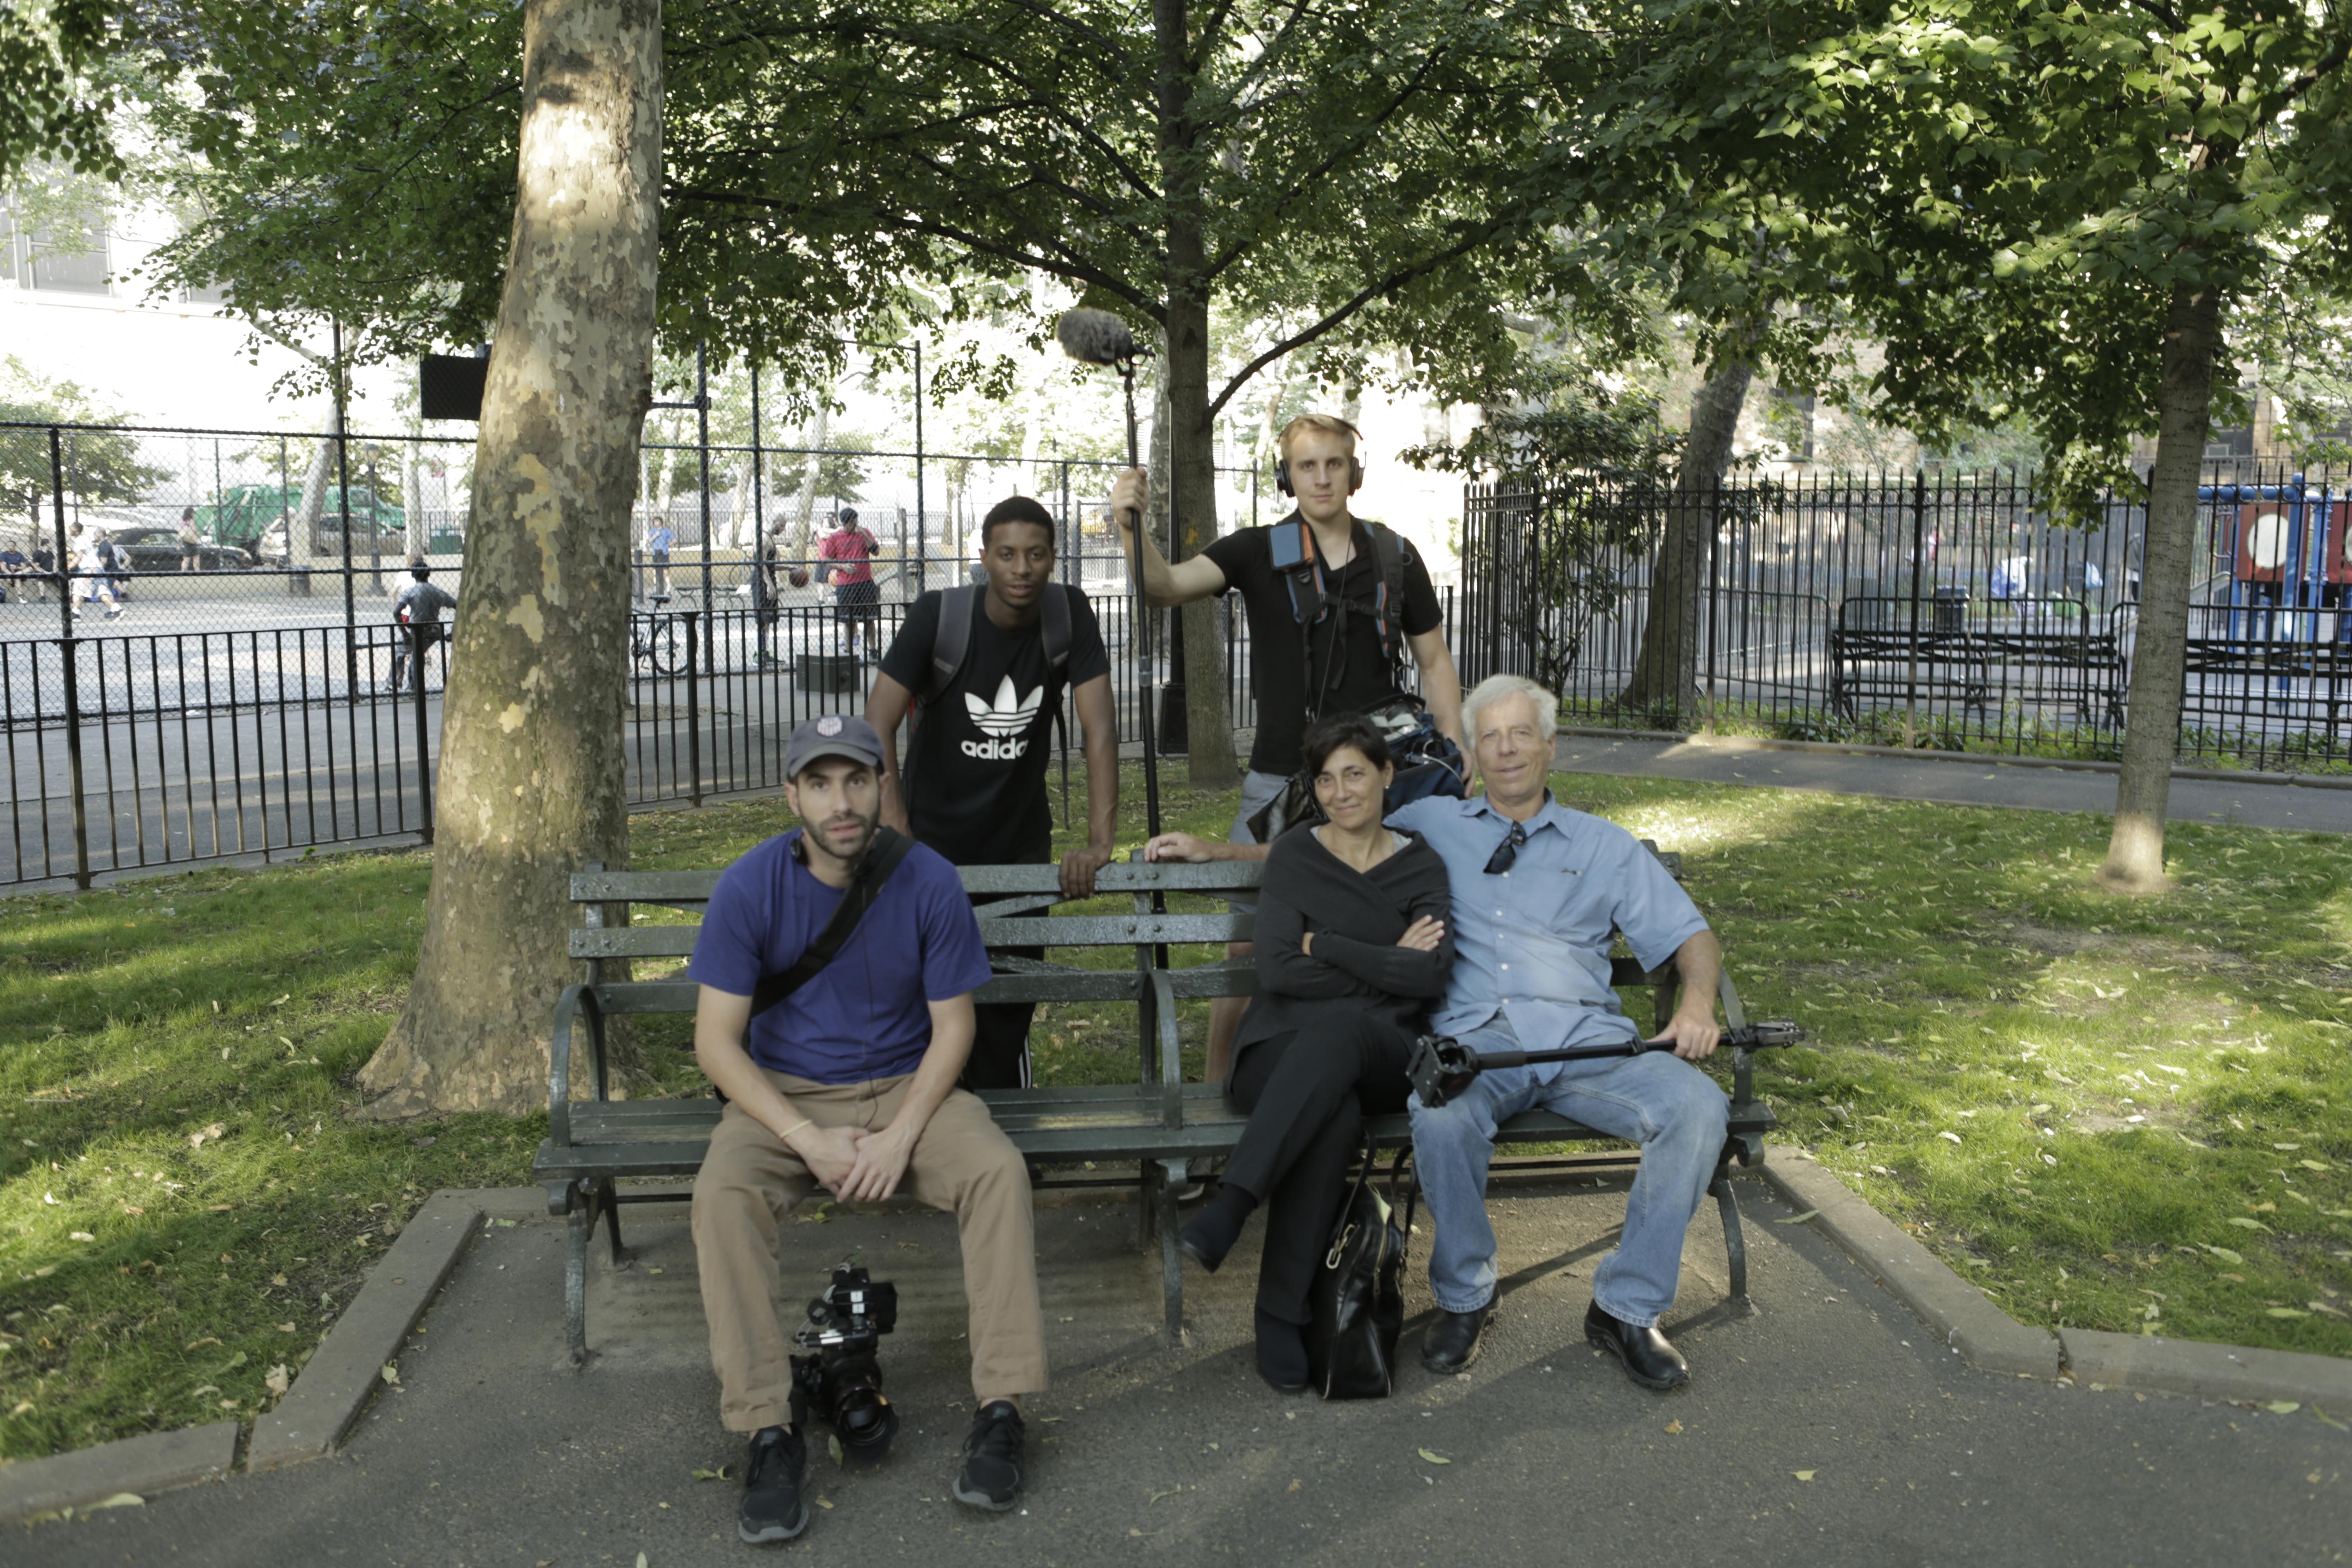 Chelsea crew on bench